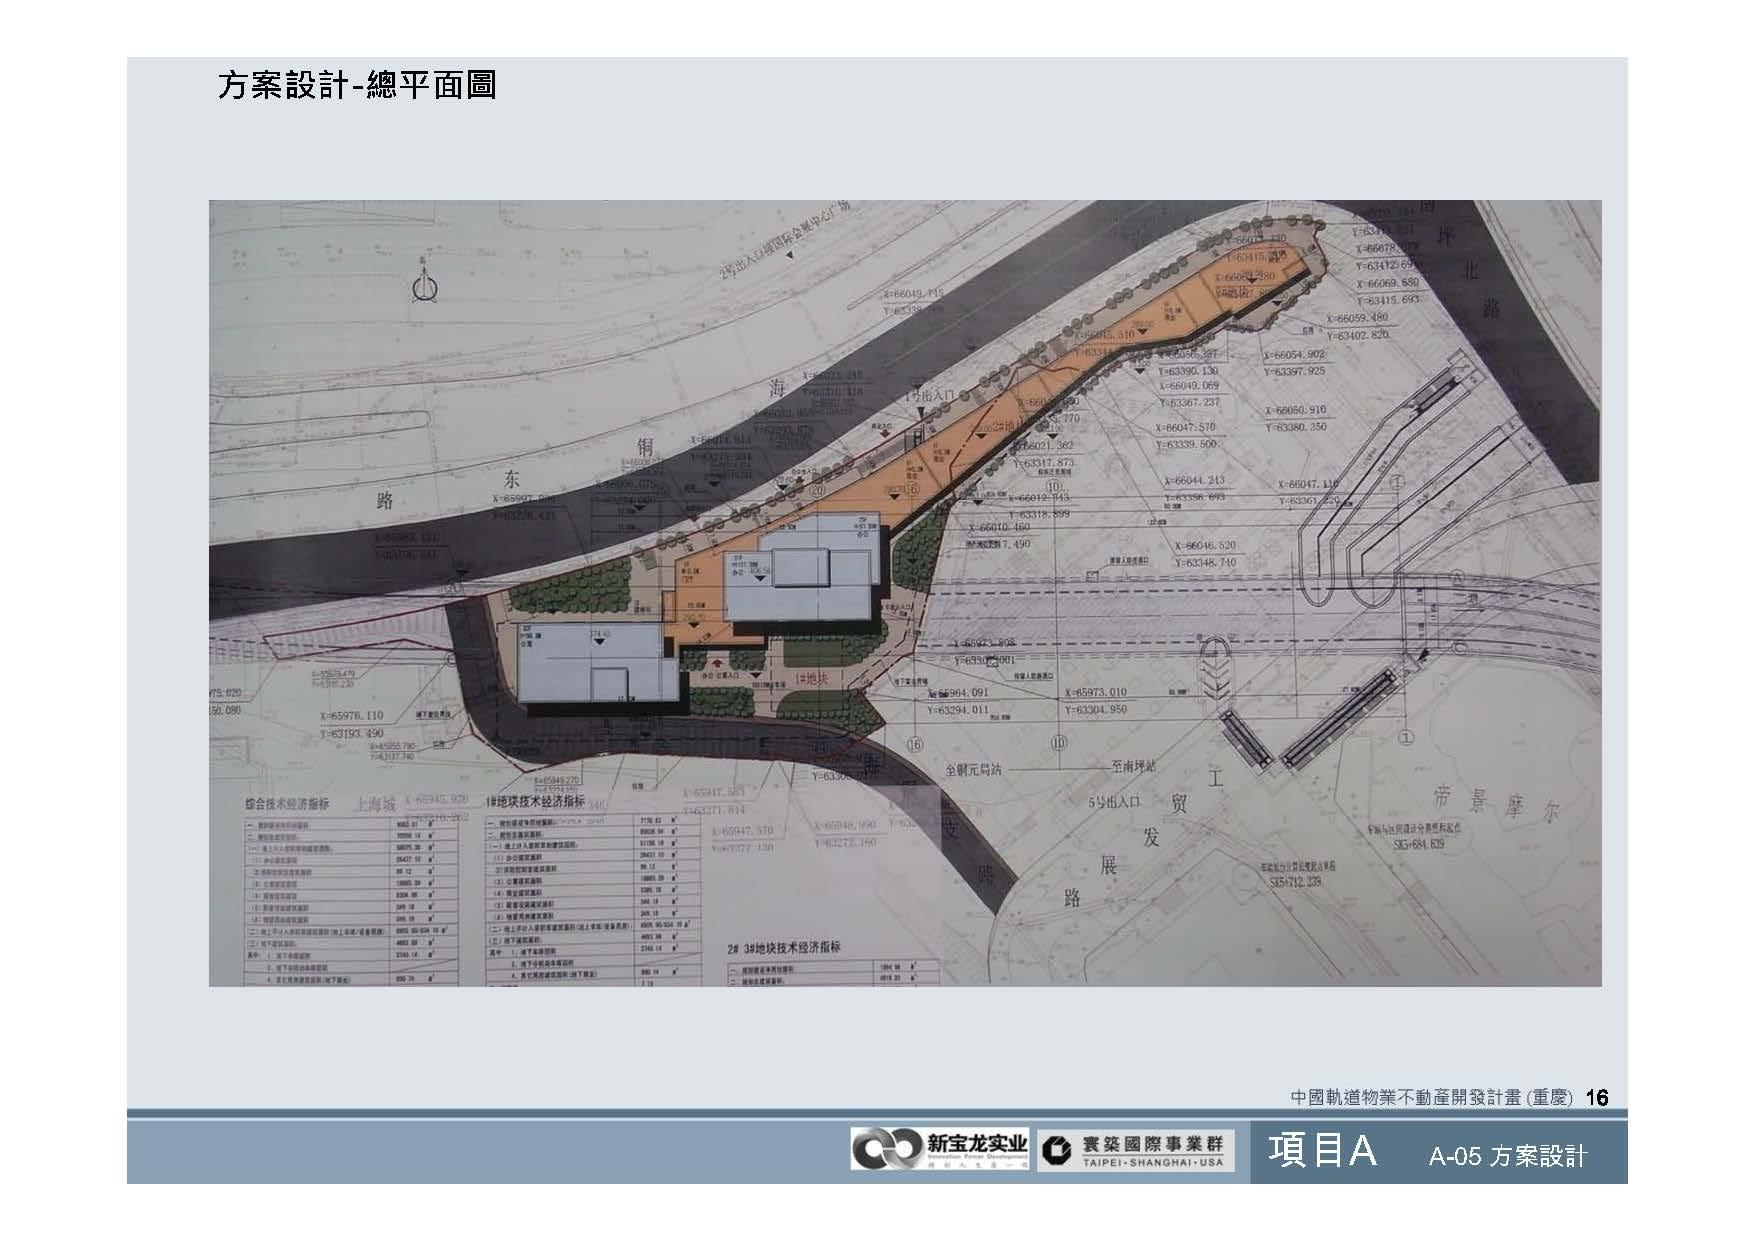 20100812-中國軌道物業不動產開發計畫(重慶)_頁面_17